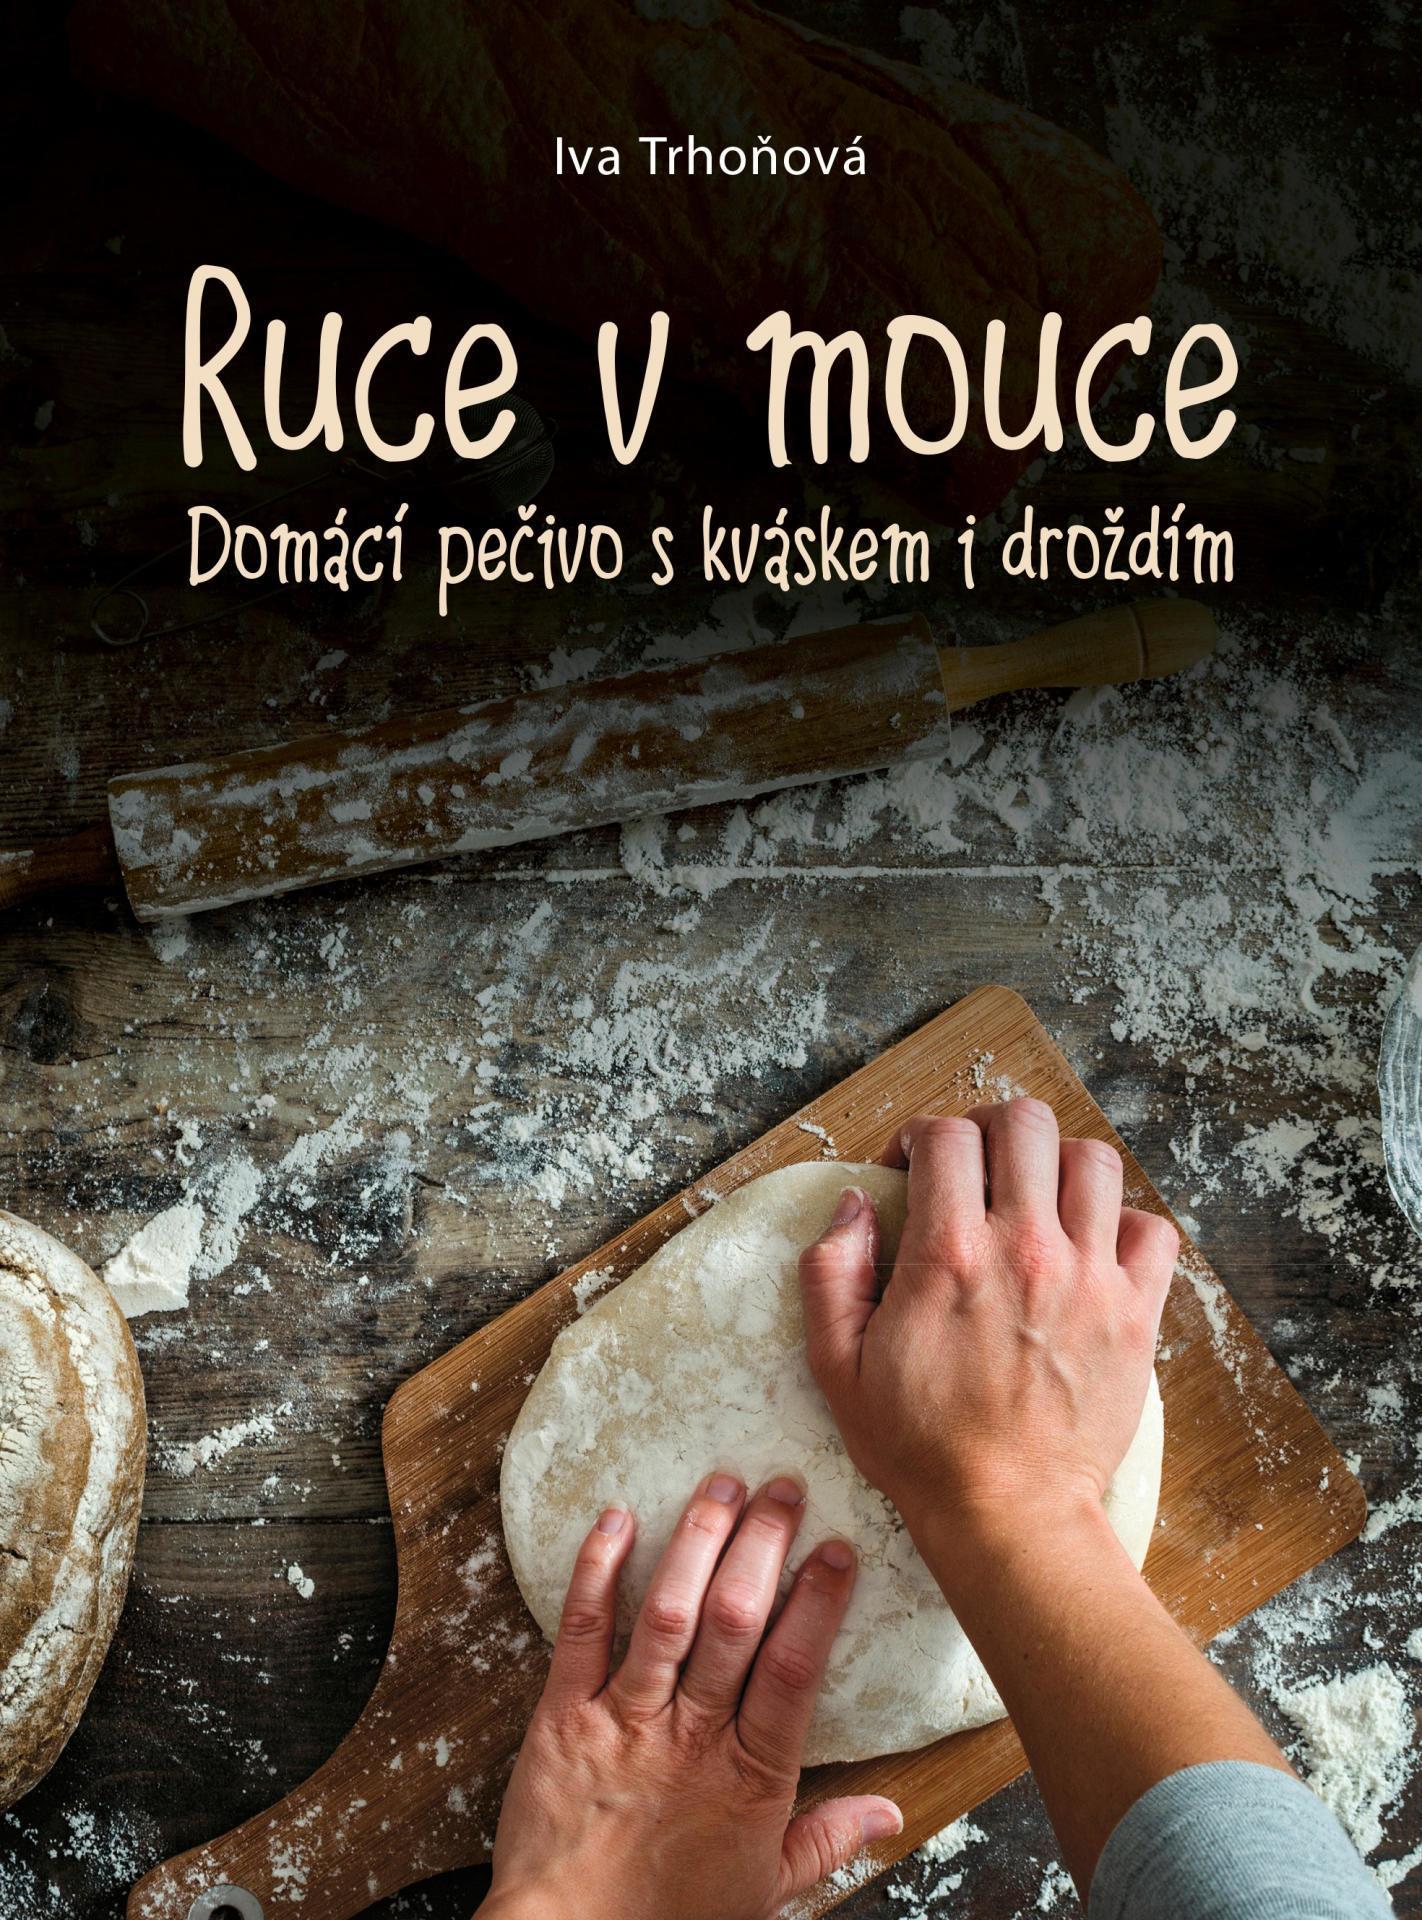 Ruce v mouce - Domácí pečivo s kváskem i droždím, multi barva, papír